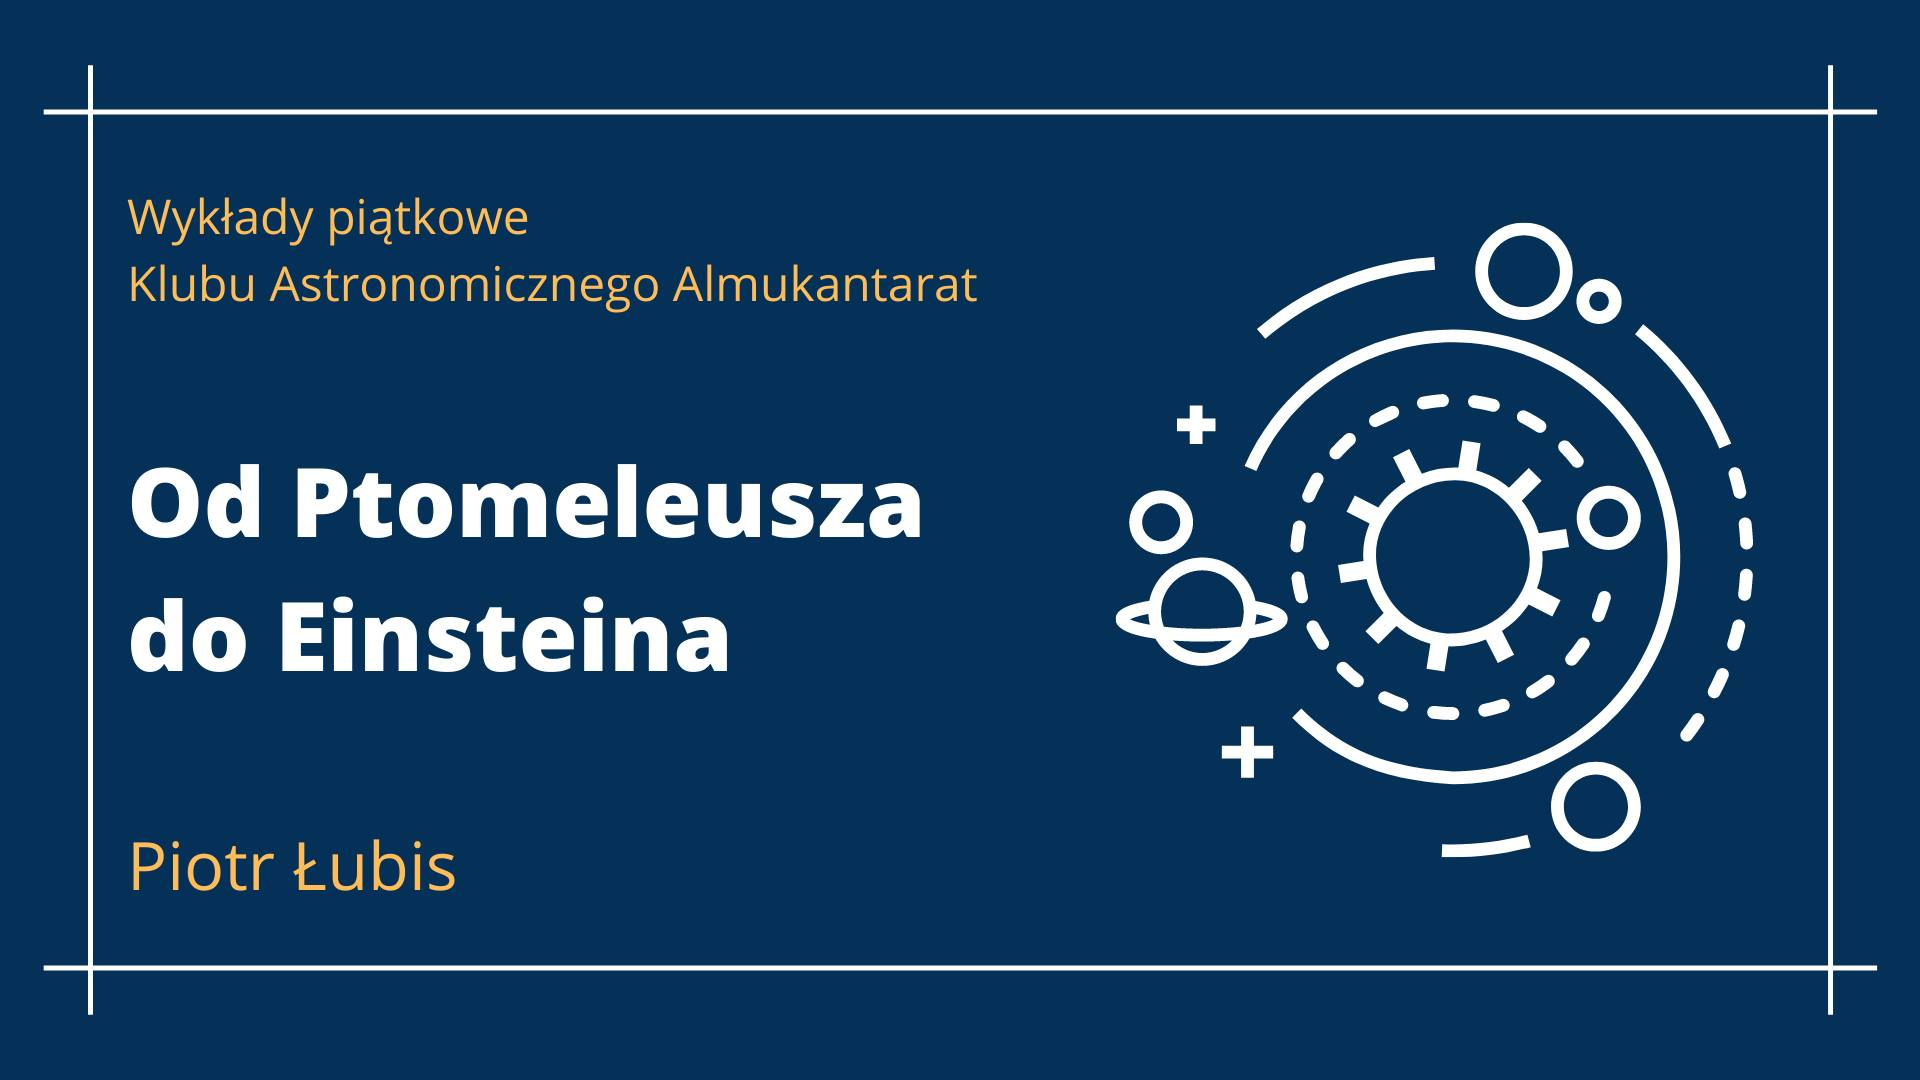 Od Ptolemeusza doEinsteina - Piotr Łubis - Wykłady piątkowe @ Online